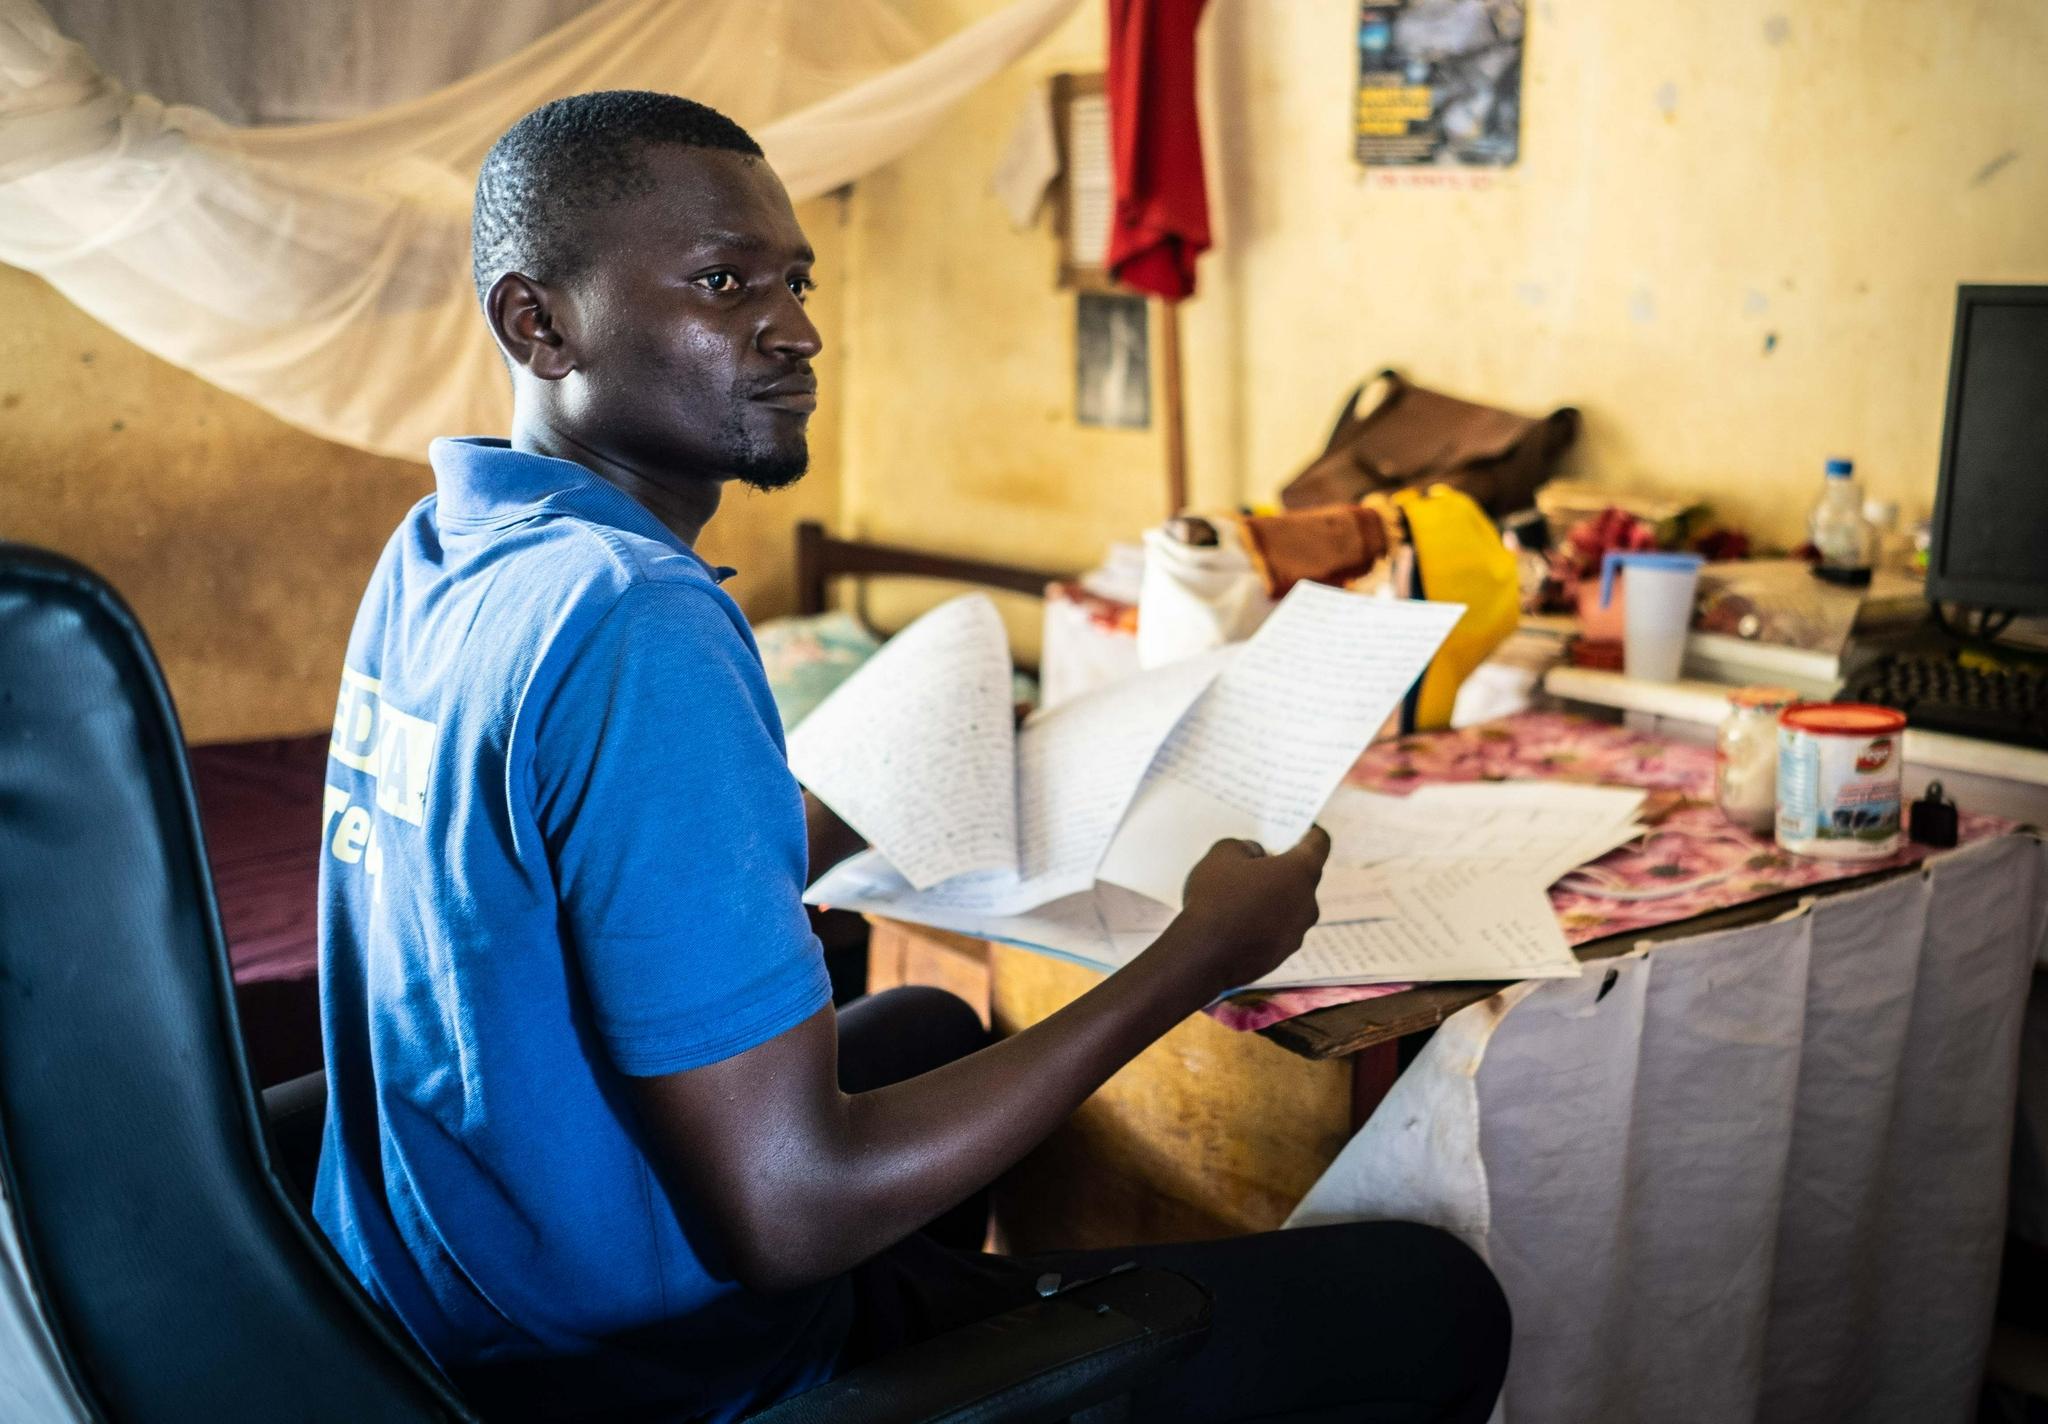 中非:大学生求学之路